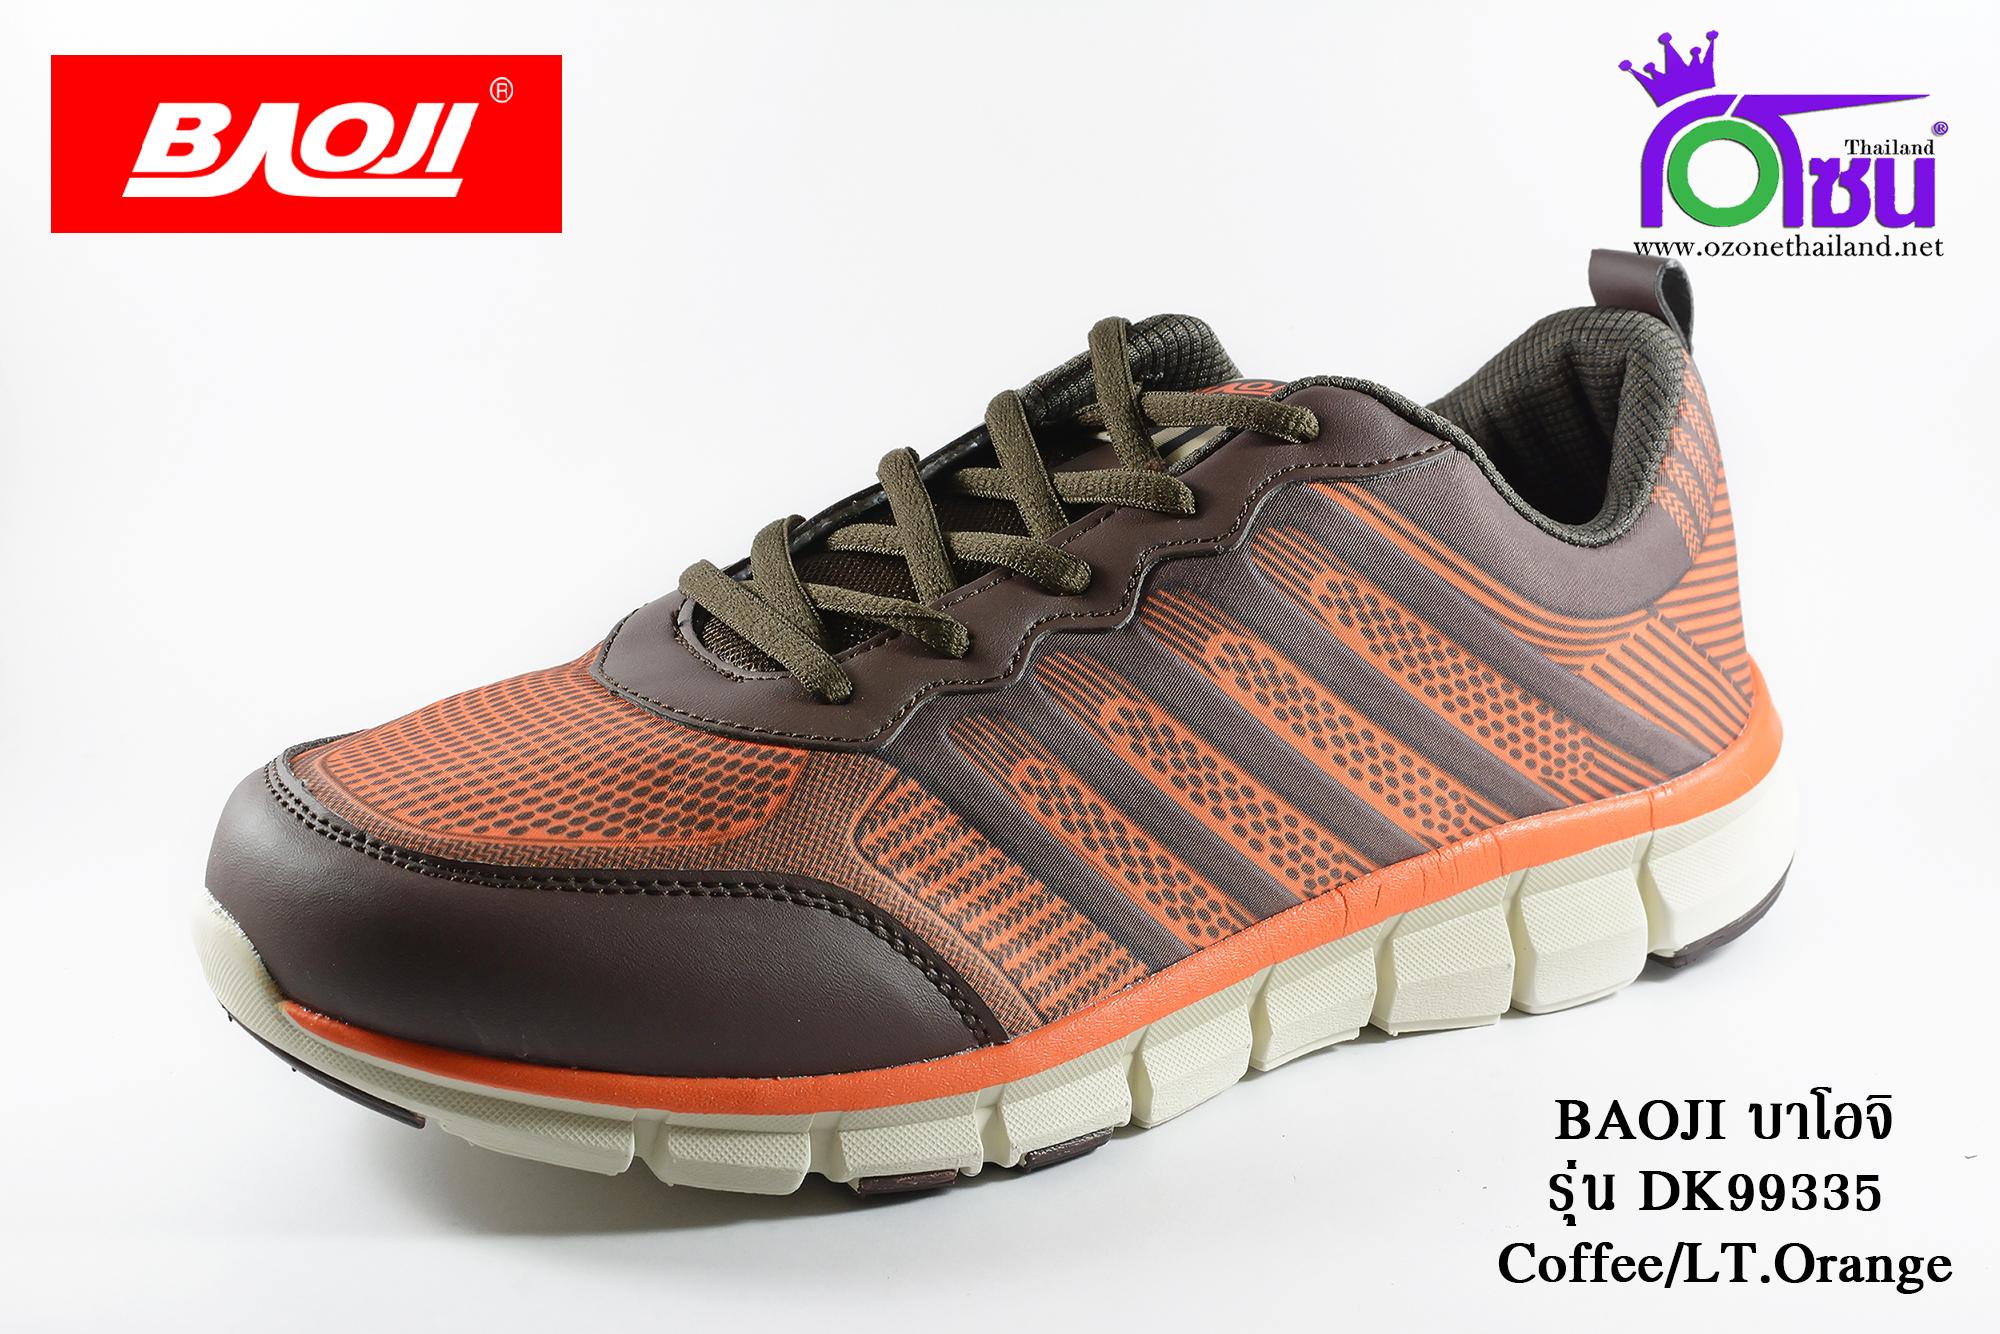 ผ้าใบวิ่ง BAOJI บาโอจิ รุ่น DK99335 สีน้ำตาลส้ม เบอร์ 41-45